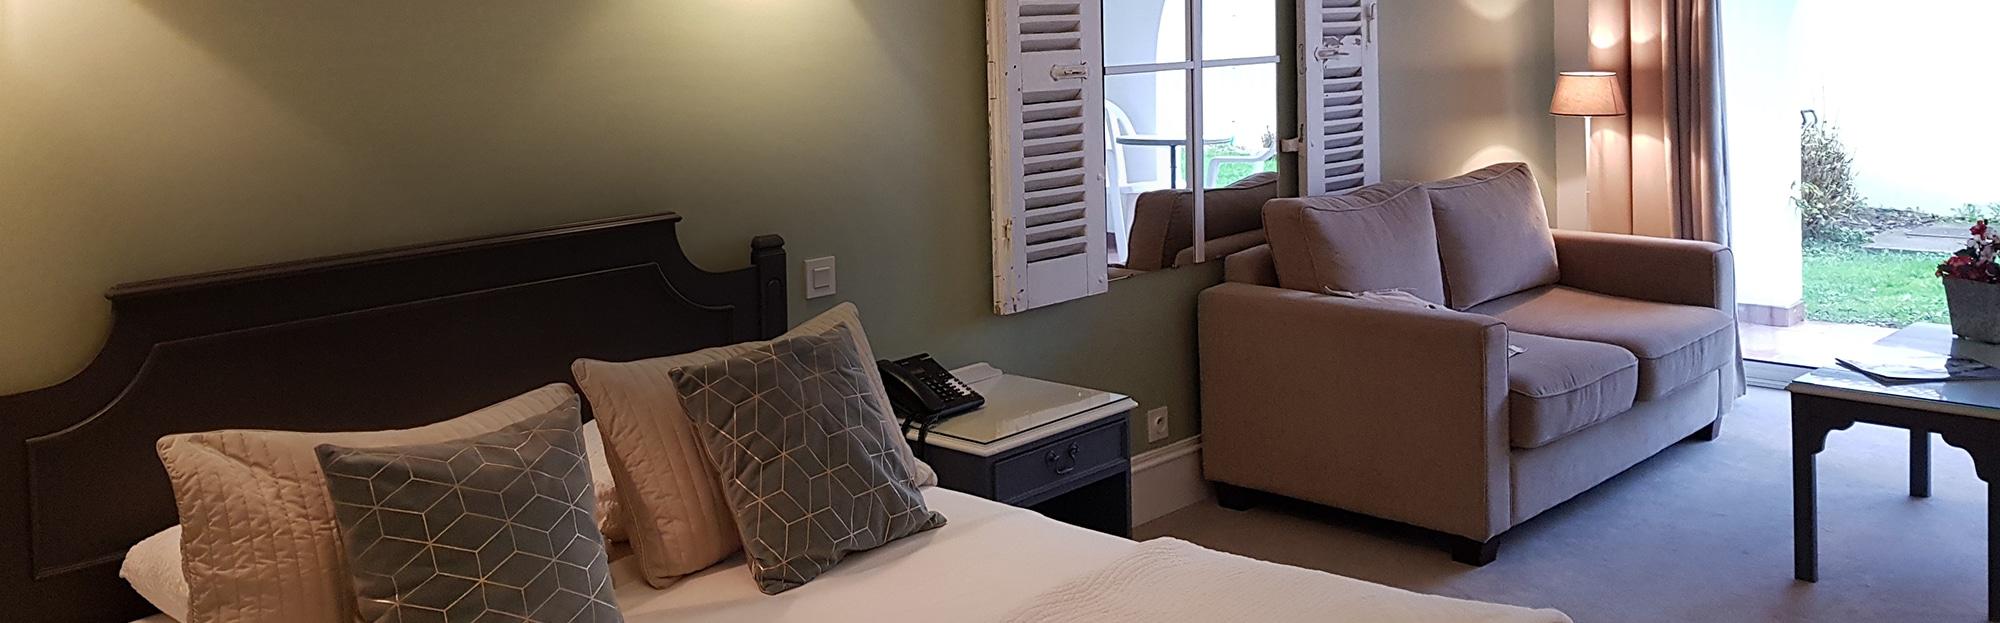 Chambre Grand Confort Réserver une chambre d'hôtel - Les Voyageurs